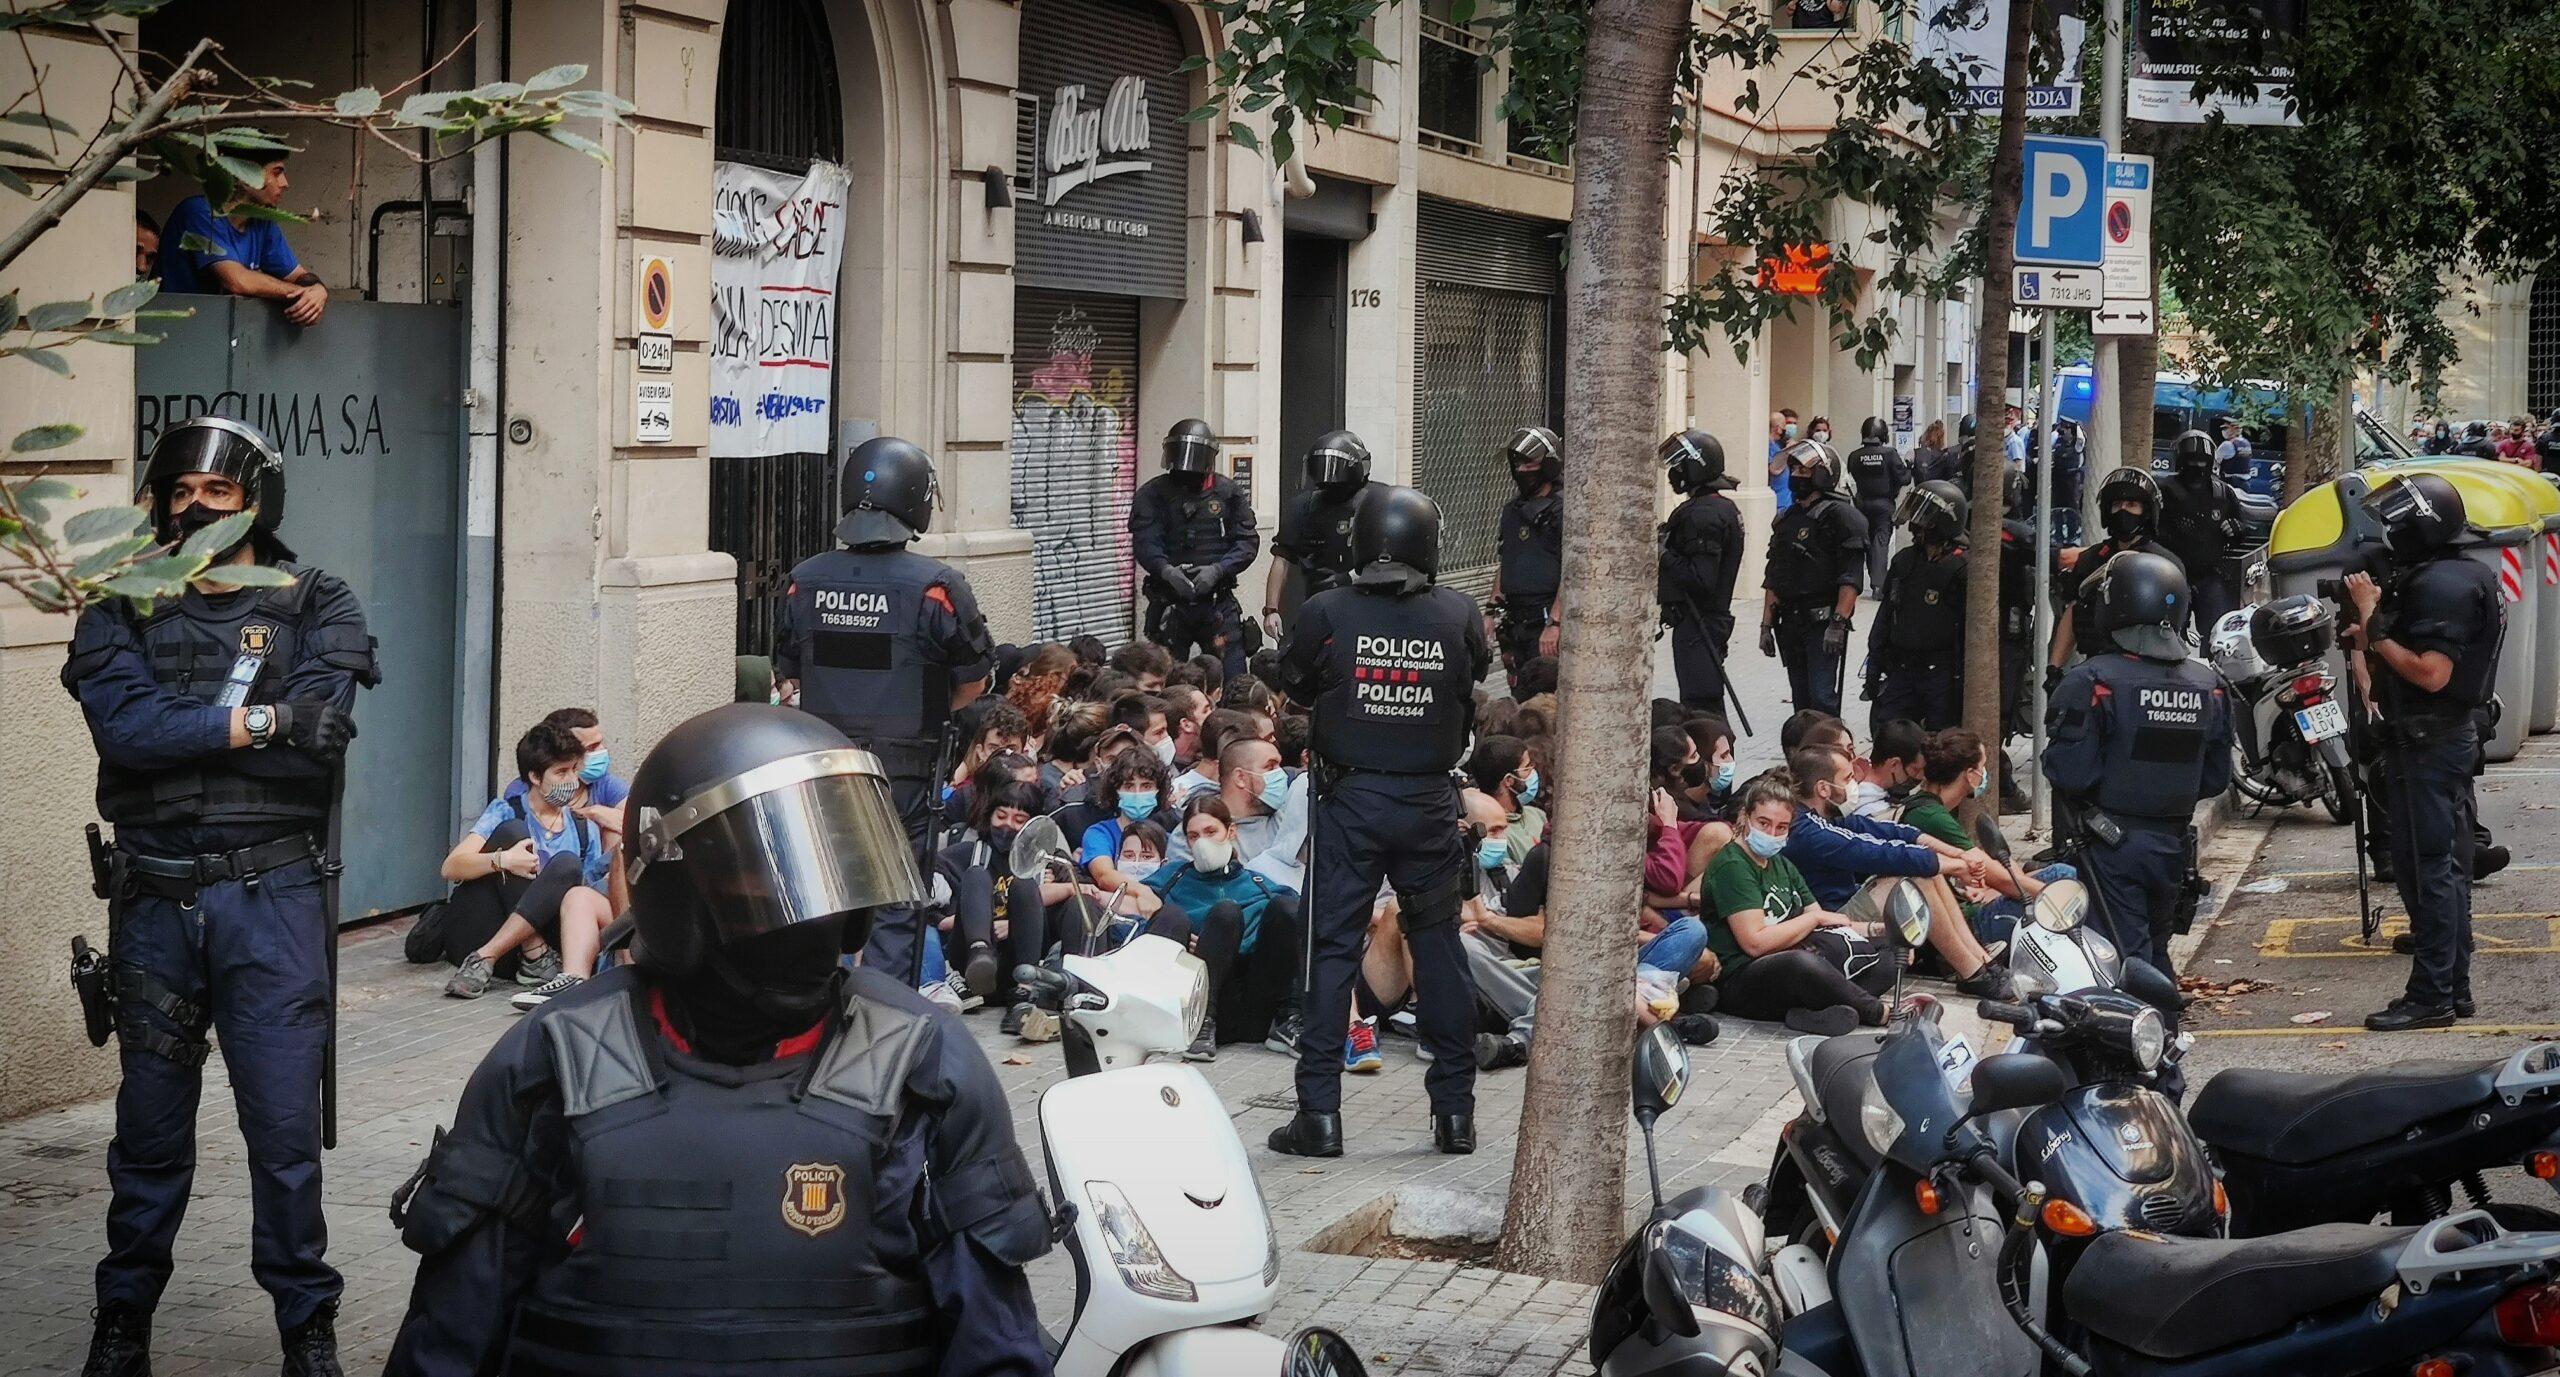 Antiavalots dels Mossos desallotgen els activistes que volen aturar un desnonament a l'Eixample / D.C.